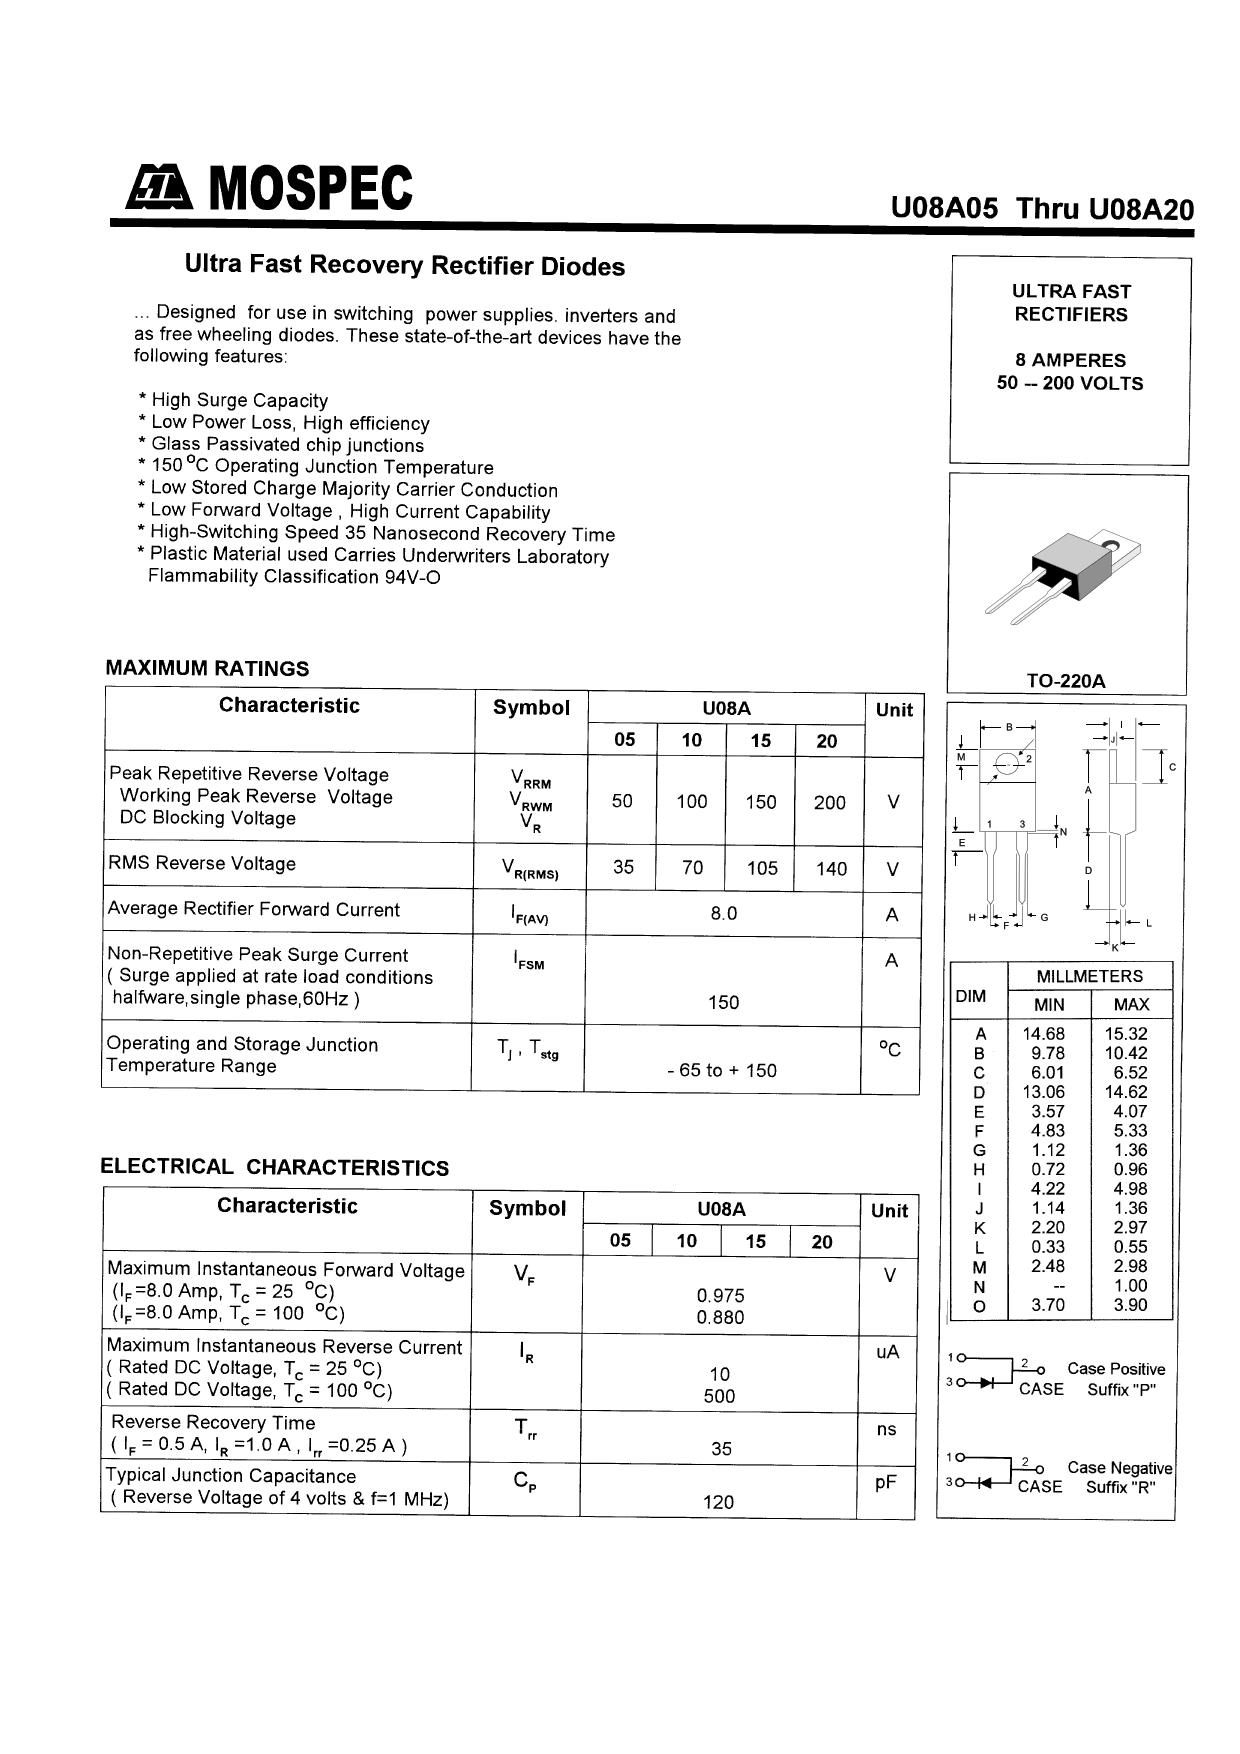 U08A20 Hoja de datos, Descripción, Manual